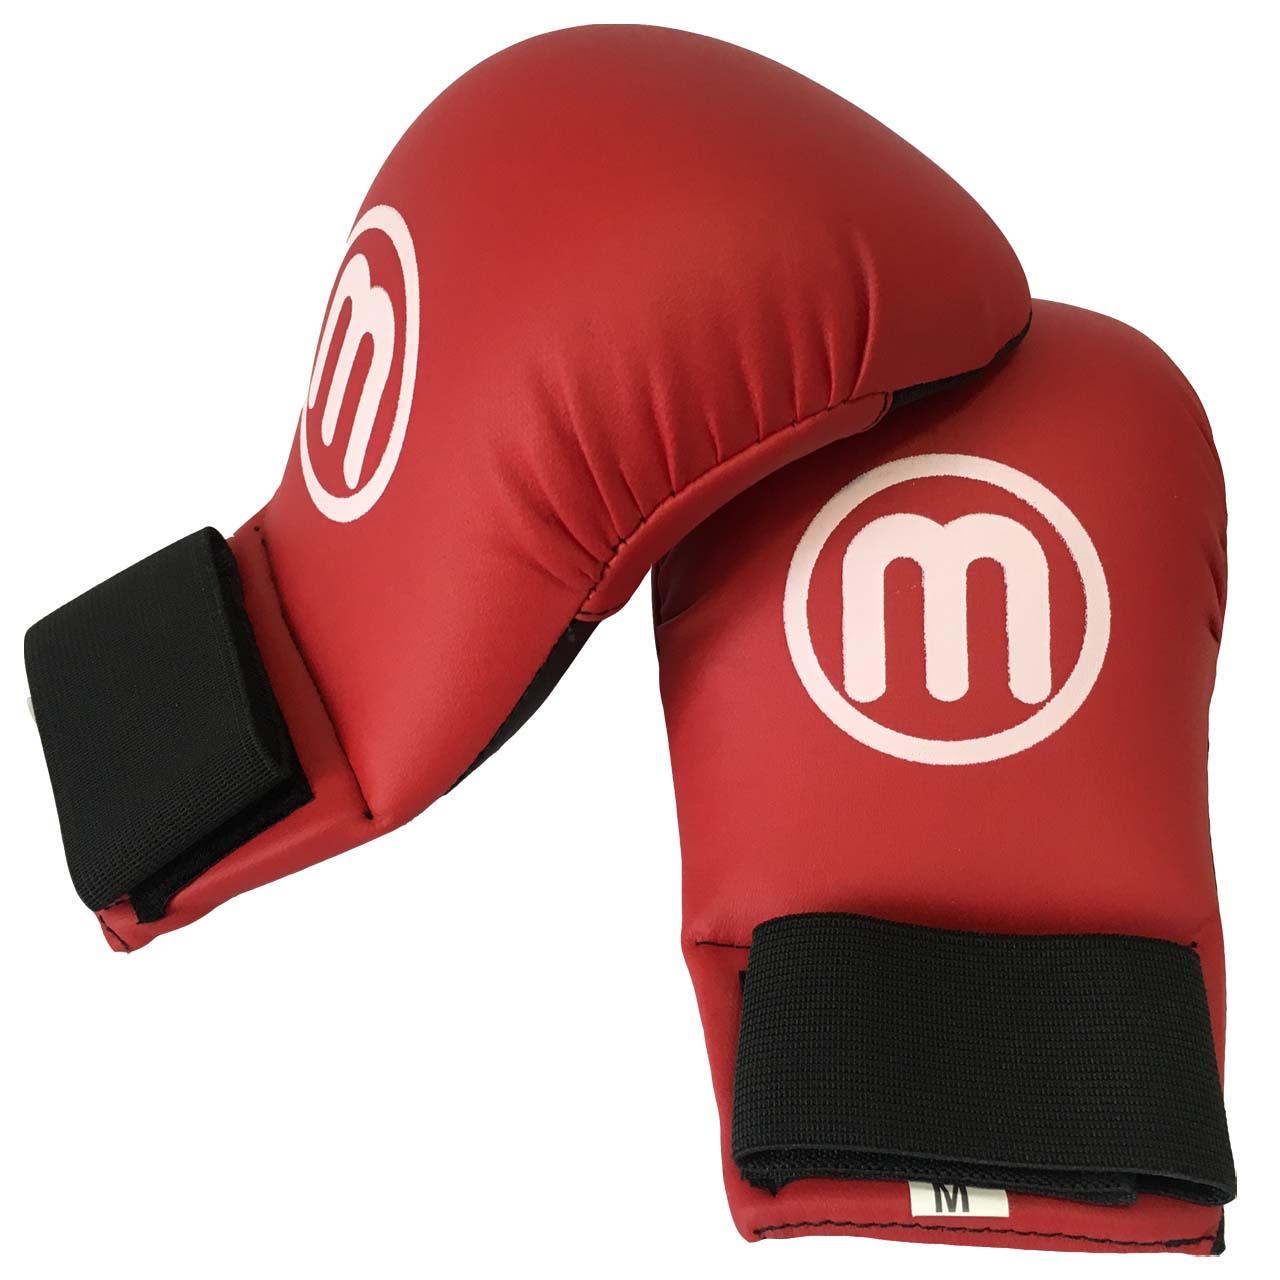 دستکش کاراته مان اسپورت مدل SW1604 سایز متوسط قرمز